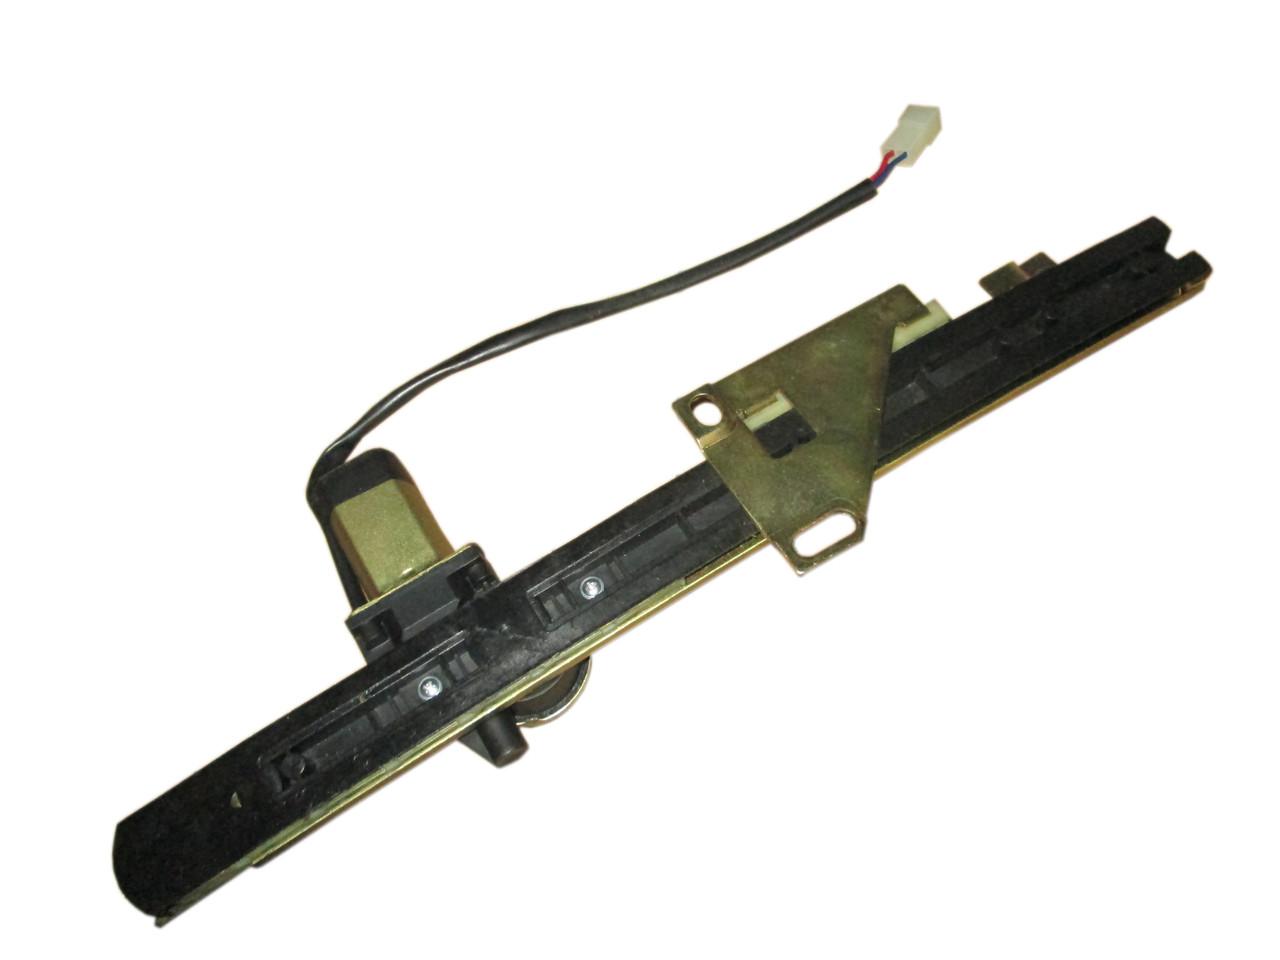 Електросклопідйомник рейковий на ВАЗ 2123, 21213